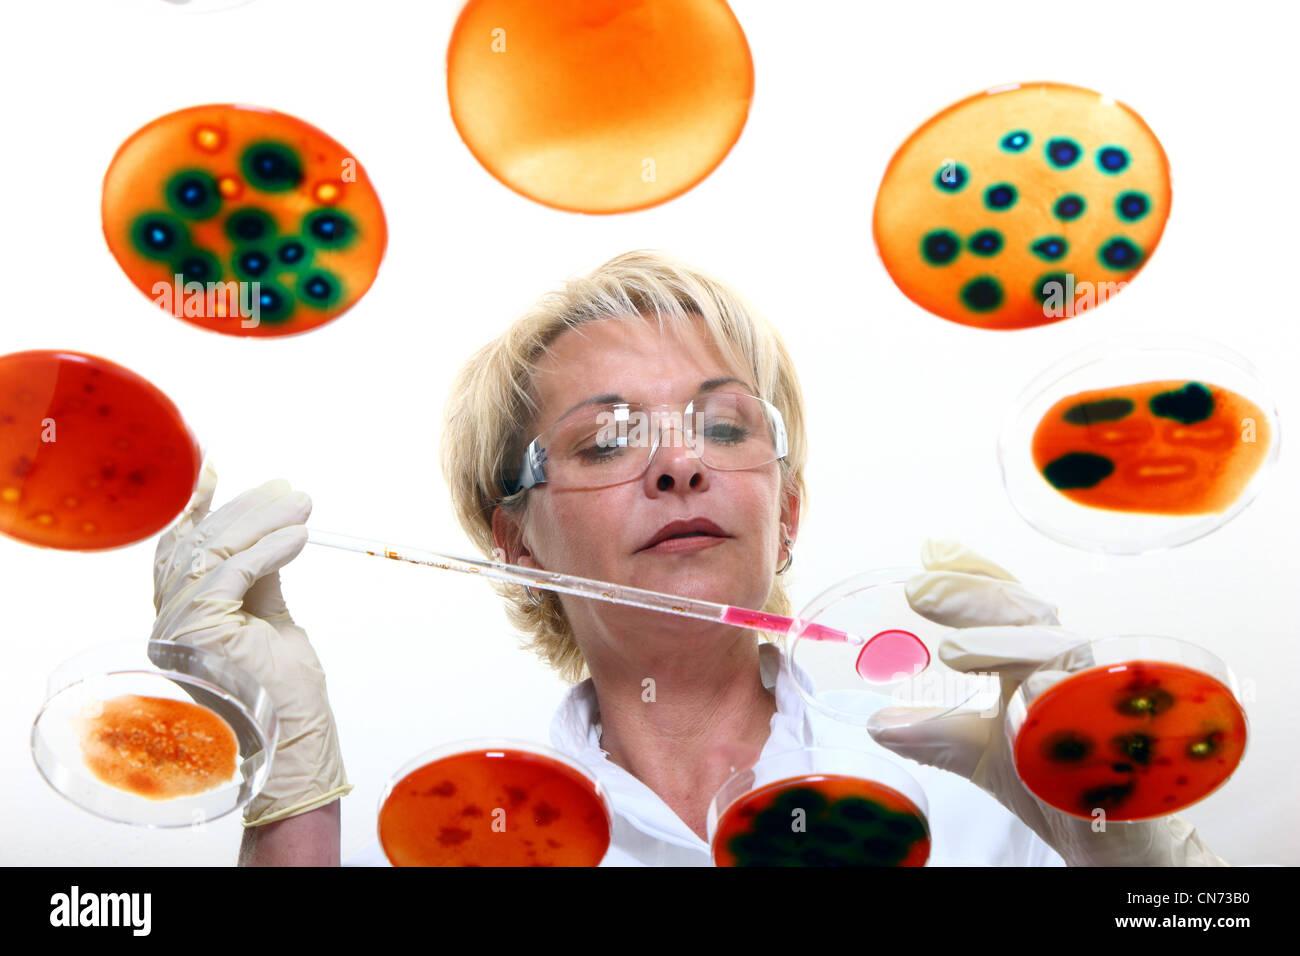 Labortechniker arbeiten im Labor mit Bakterienkulturen in Petrischalen. Durch einen Glastisch gesehen. Stockbild